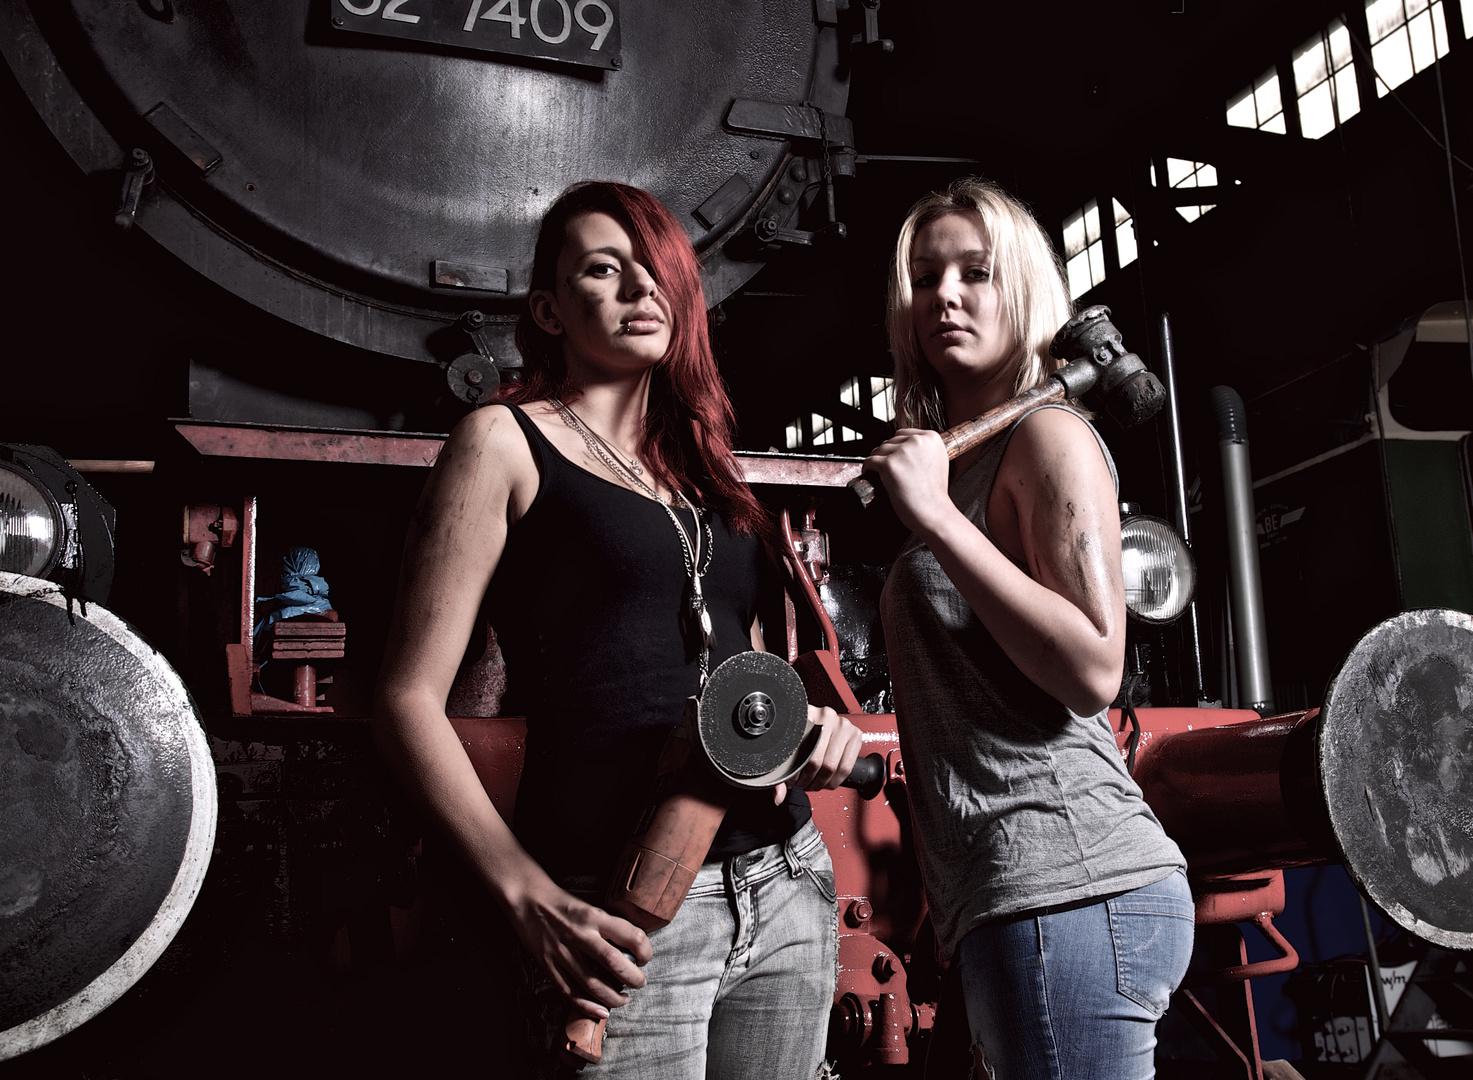 Nadine und Christina im Lokschuppen in Würzburg